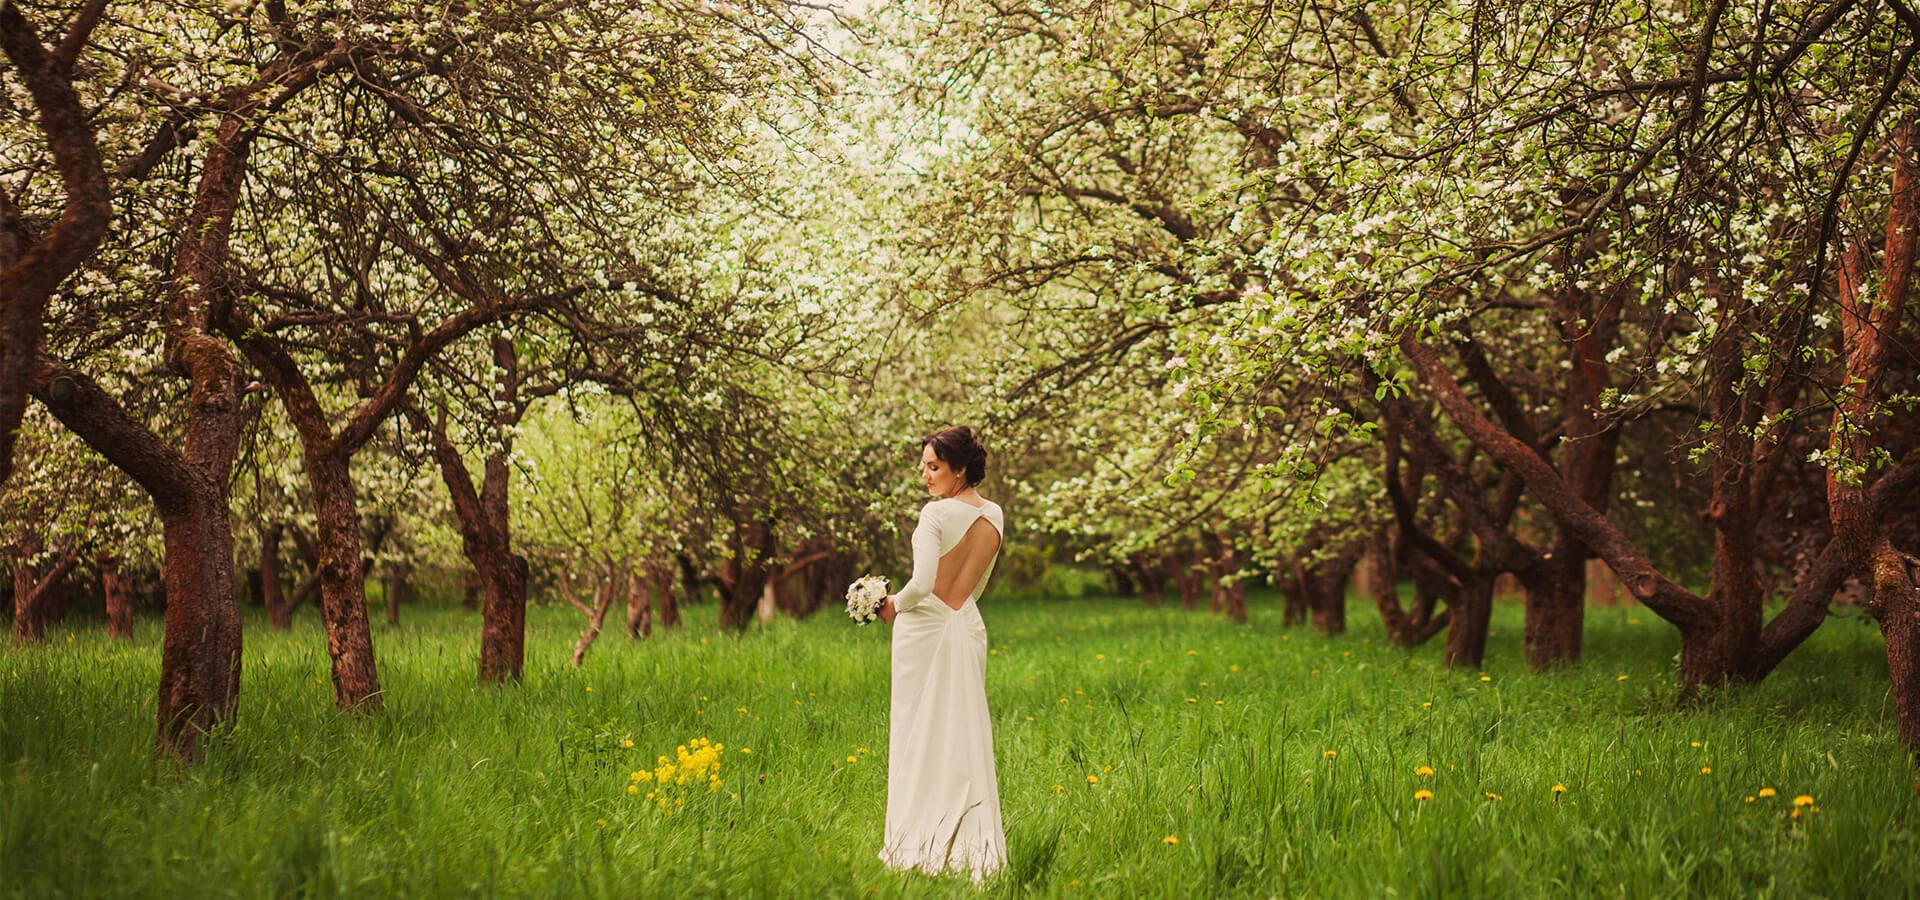 4 важных советов по организации свадьбы в саду